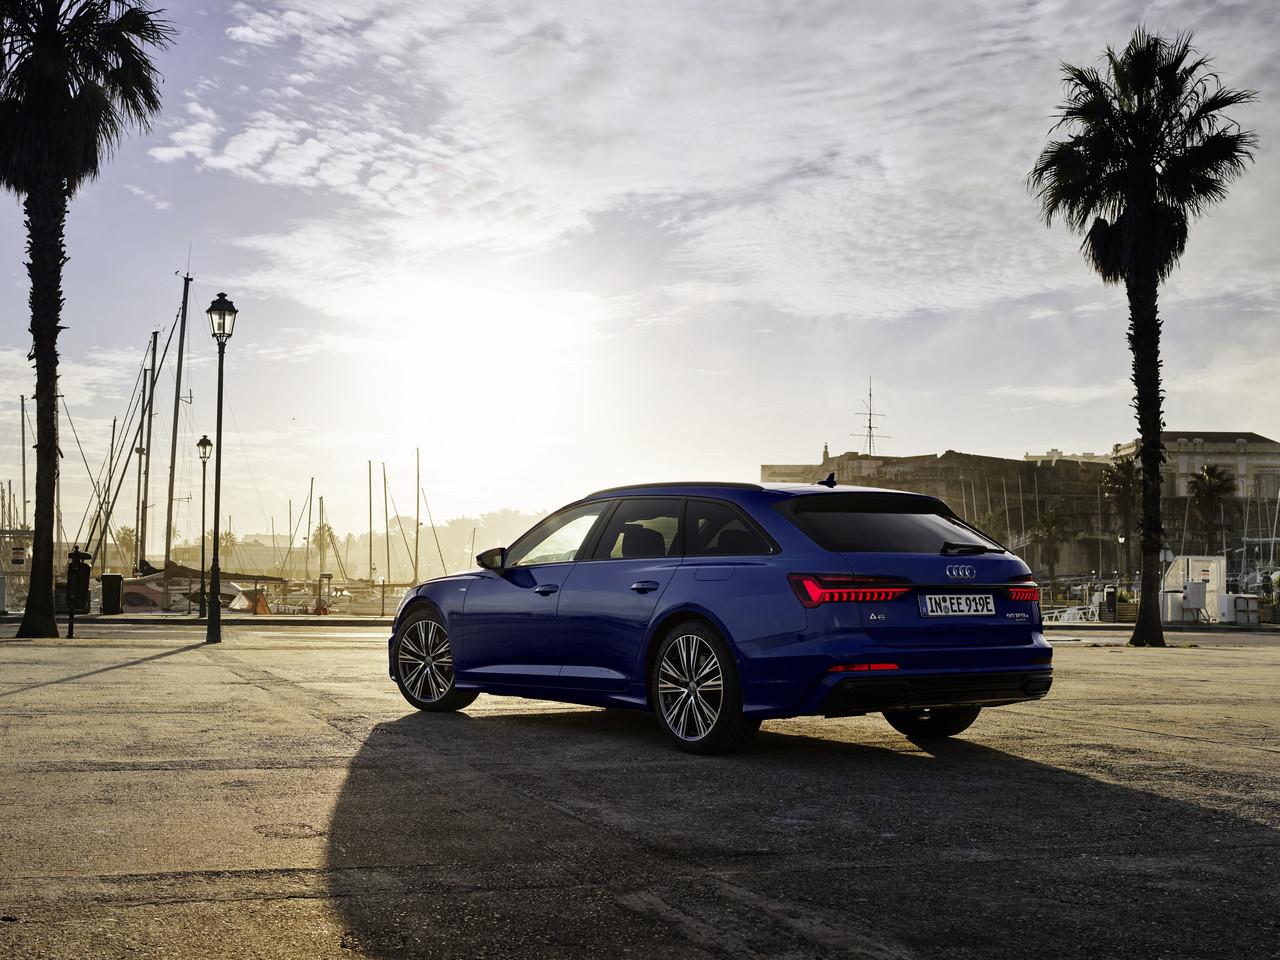 Stärkere Batterie, höhere Reichweite: Upgrade für die Audi Plug-in-Hybride Q5, A6 und A7.